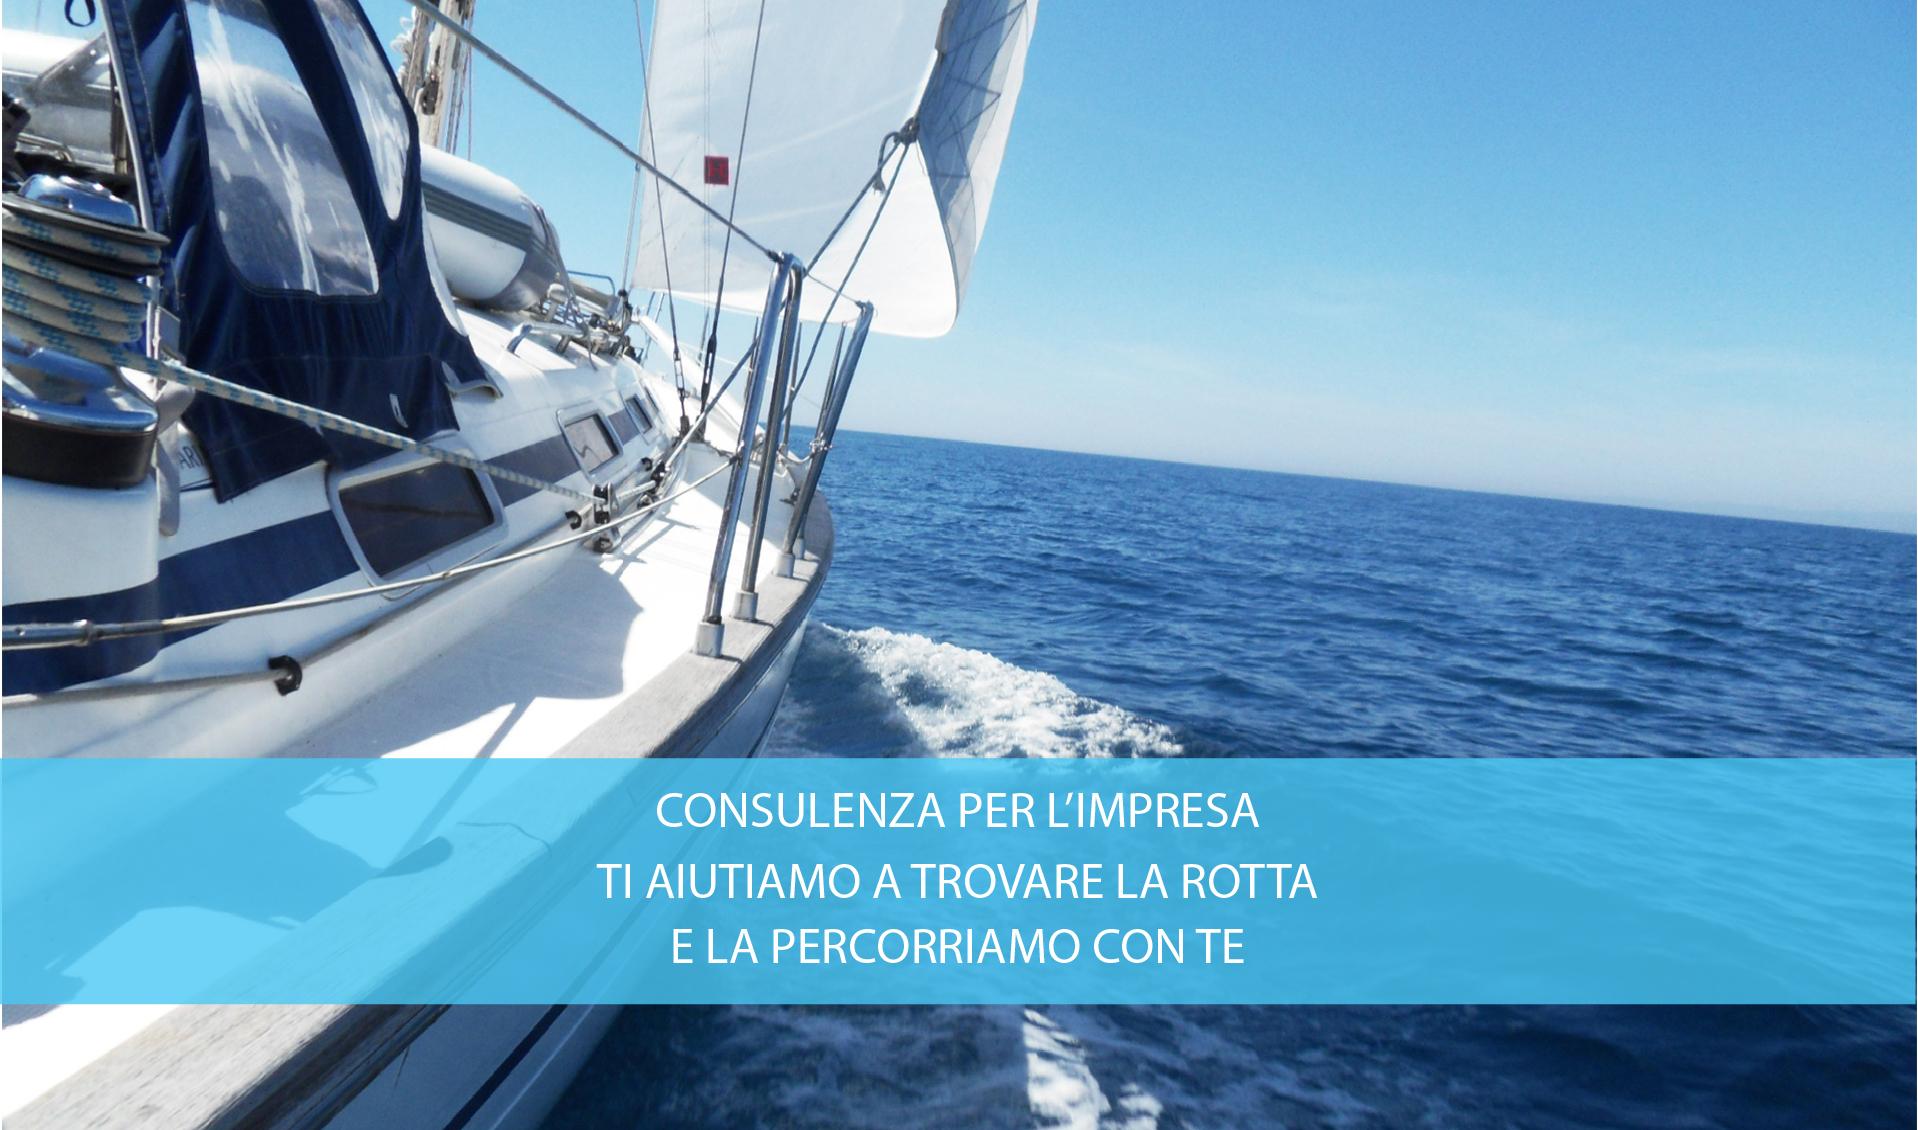 Consulenza fiscale e tributaria Arma di Taggia Imperia Sanremo Liguria Costa Azzurra | Consulenza fiscale e tributaria Arma di Taggia (Imperia) Sanremo Liguria Costa Azzurra Milano